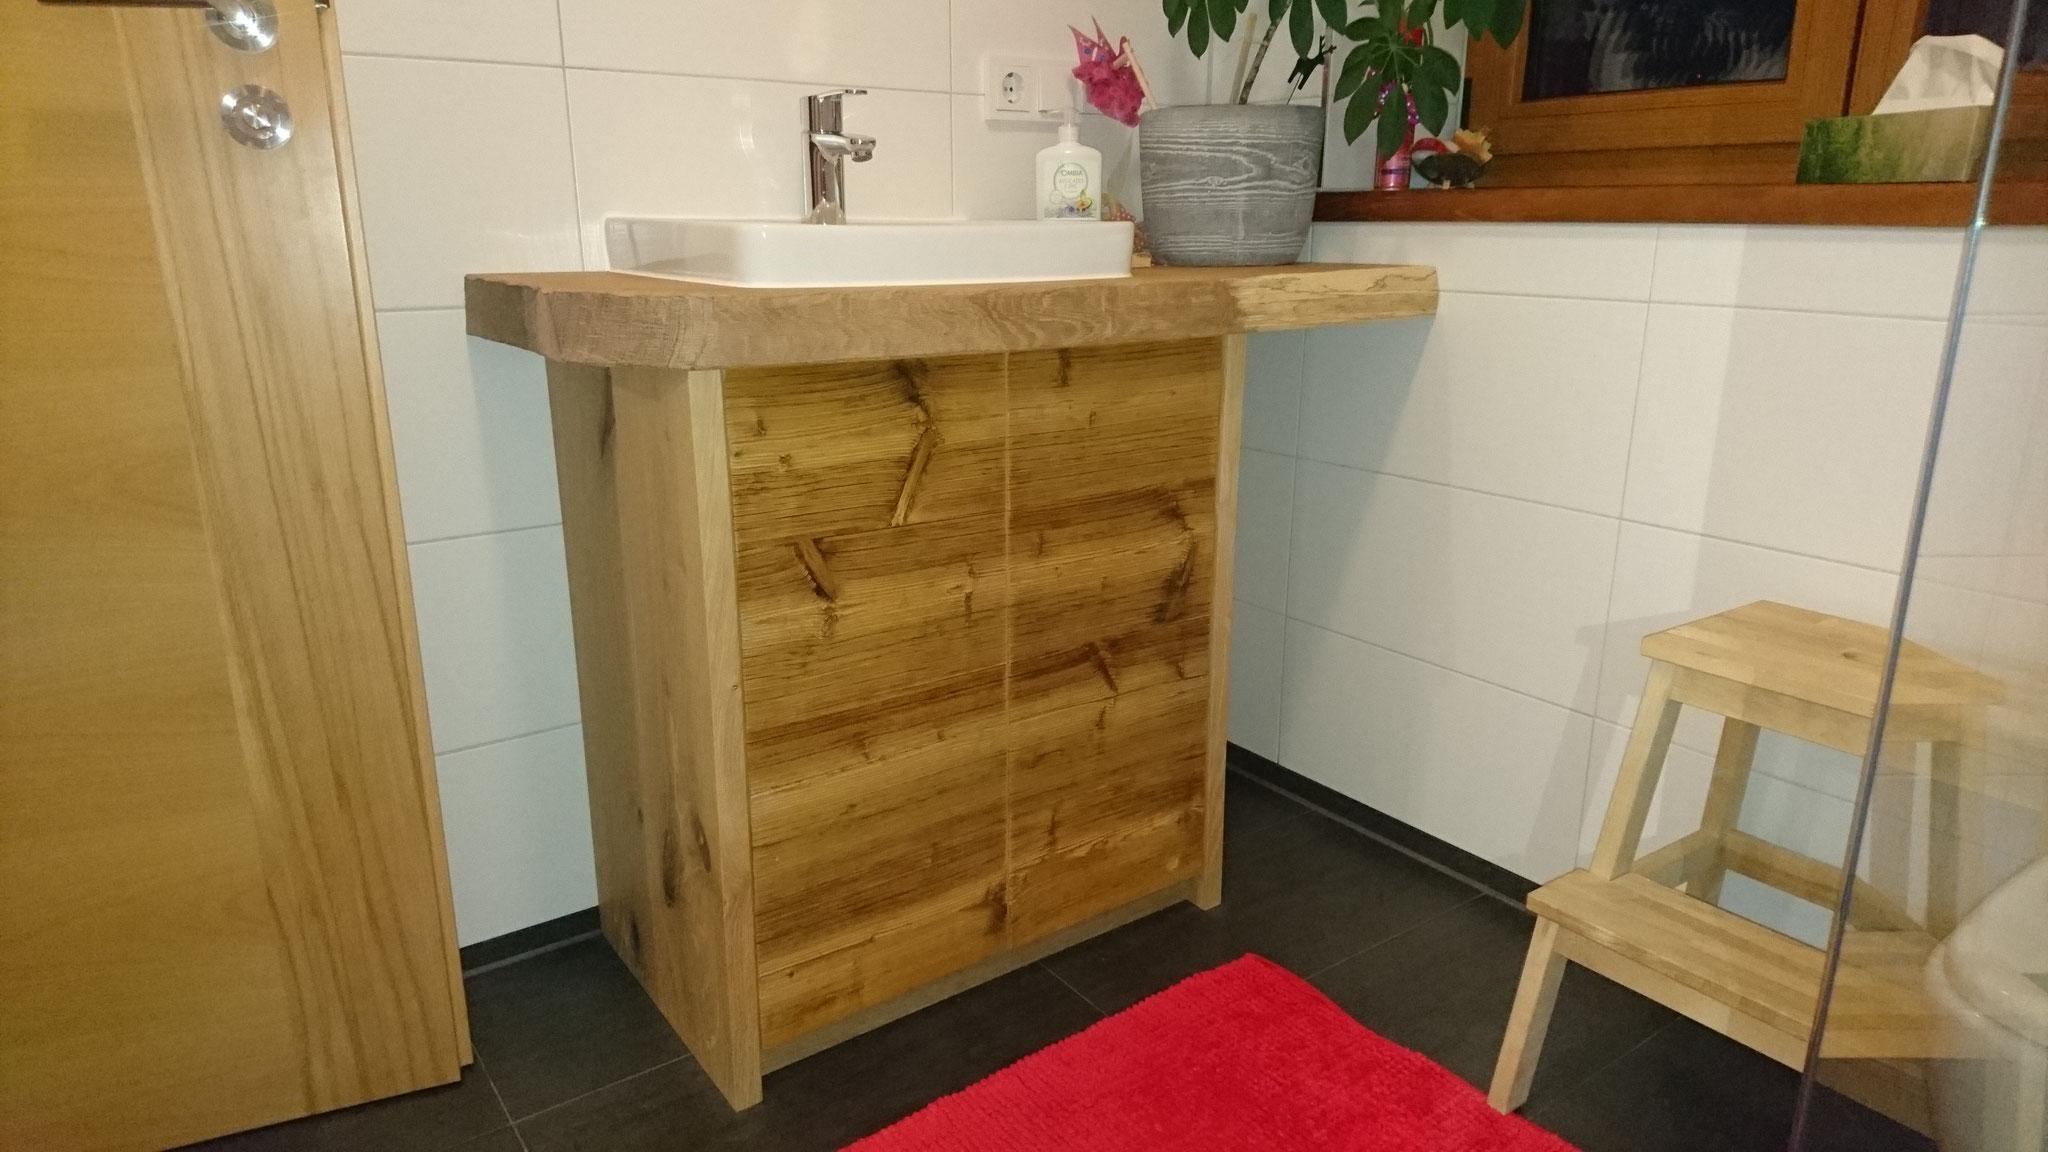 Waschbeckenuntertisch - Fronten aus Altholz - Waschtsich aus einem baumkantigen Eichenladen